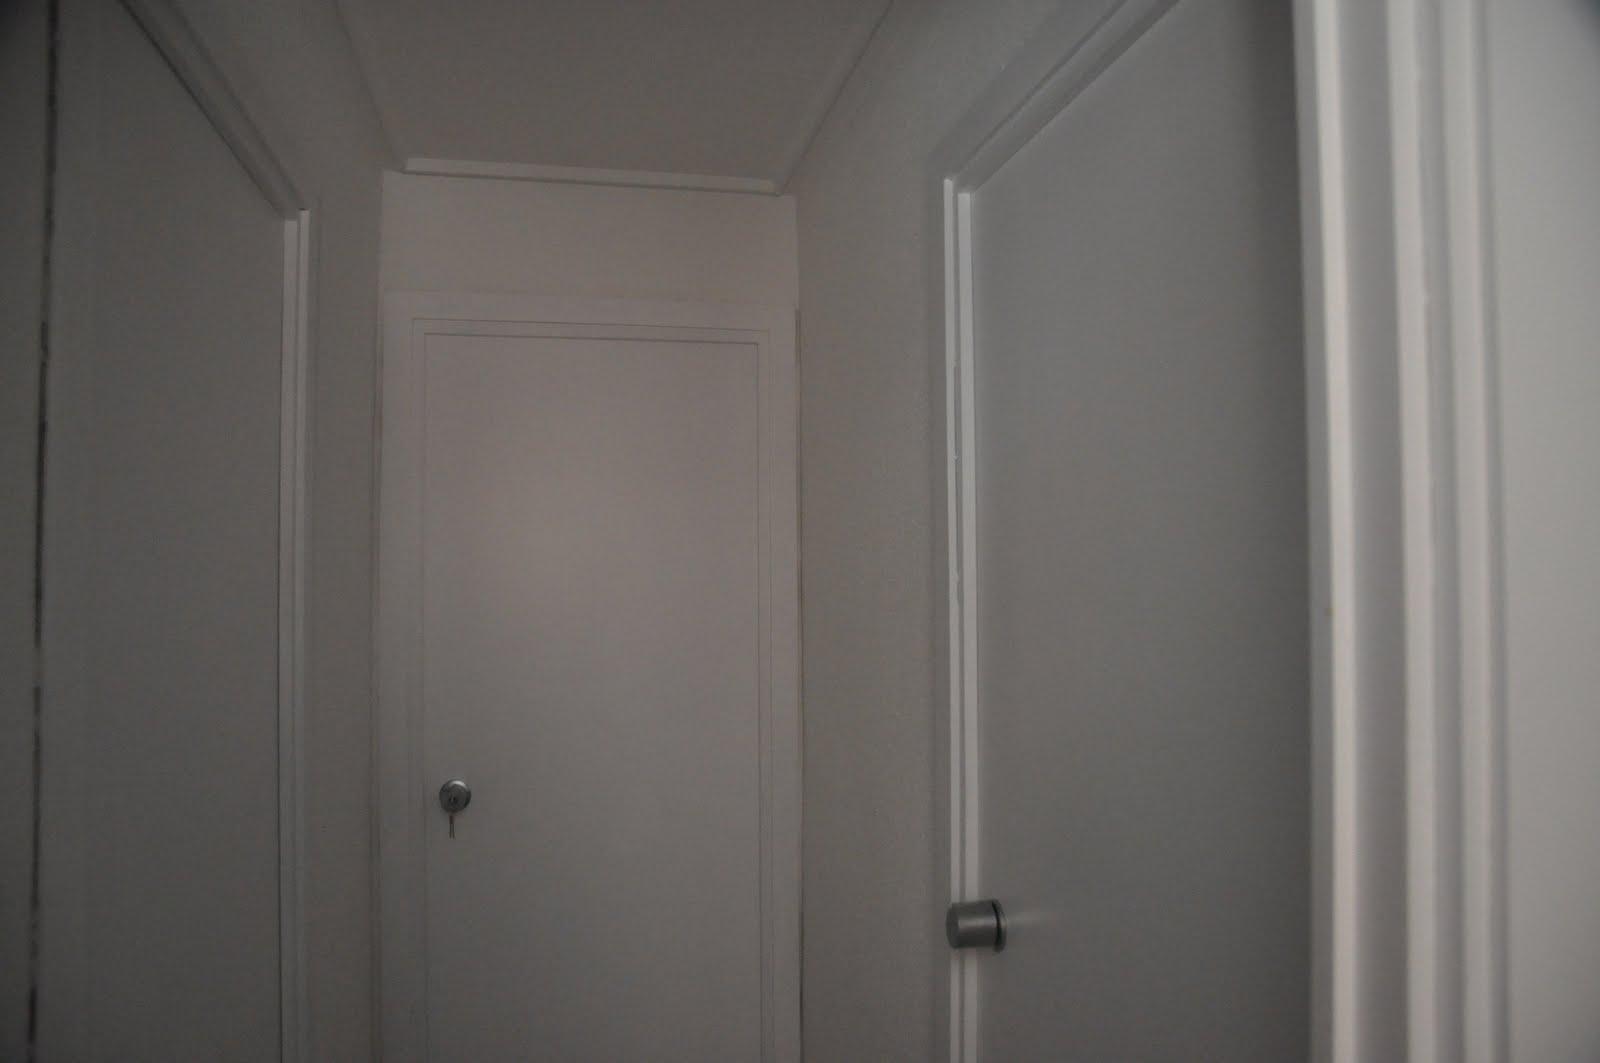 Esp ritu chamarilero lacar puertas en blanco y cambiar - Puertas blancas lacadas o pintadas ...